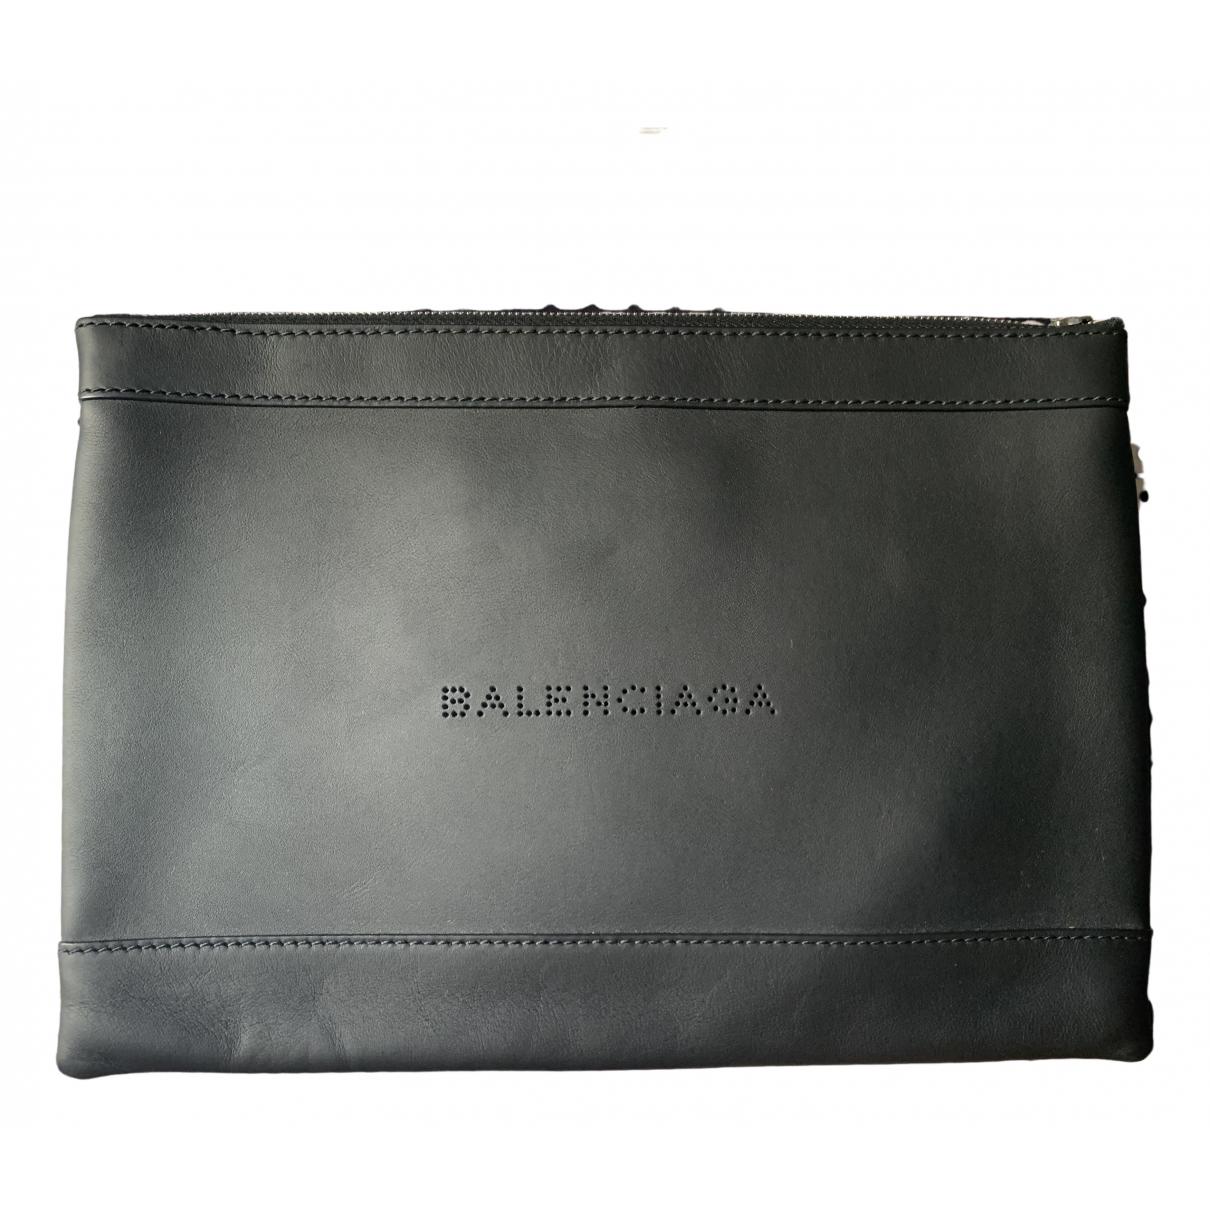 Balenciaga - Sac   pour homme en cuir - noir